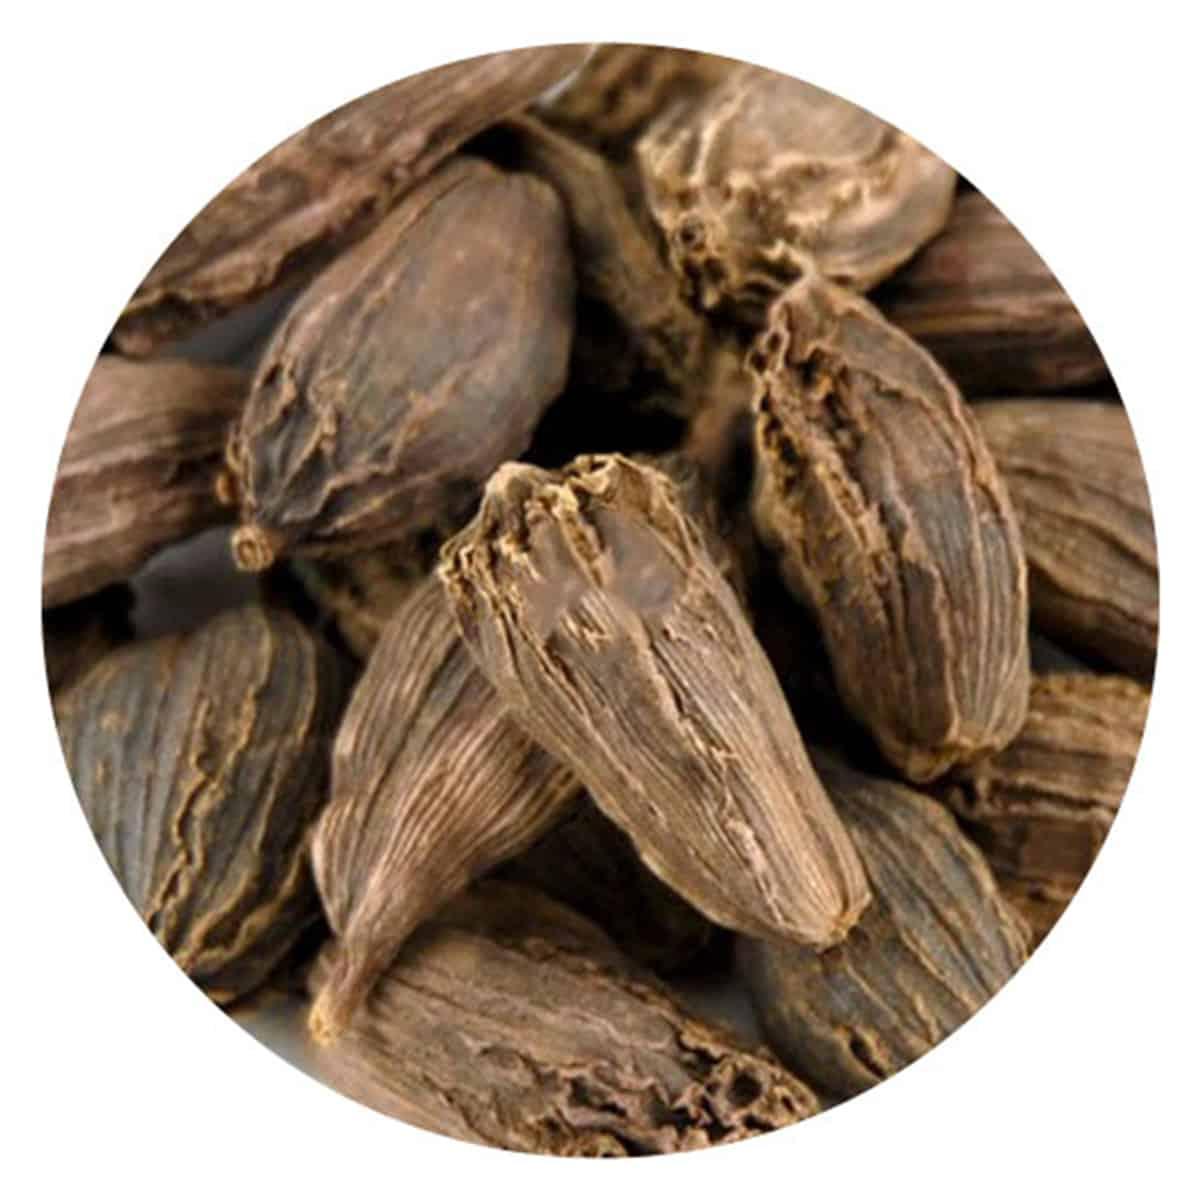 Buy IAG Foods Black Cardamom Pods (Badi Elaichi) - 1 kg